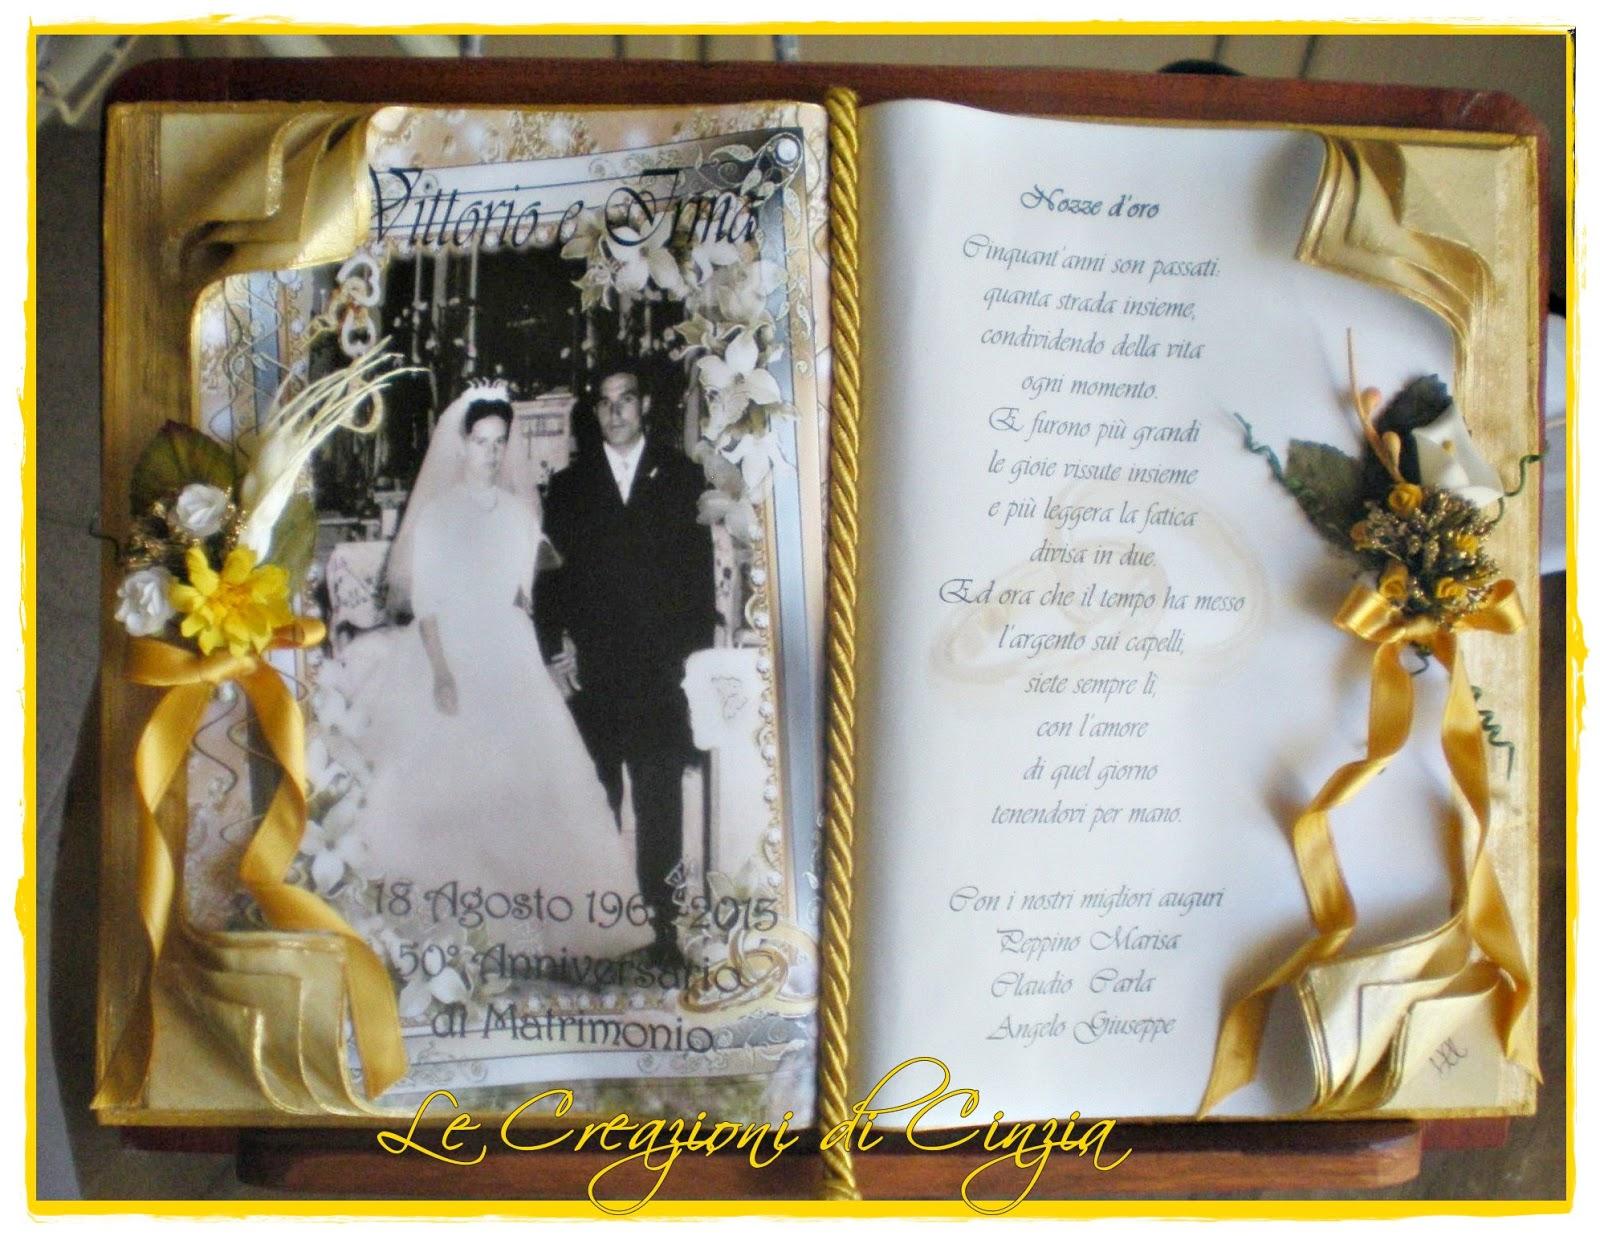 Regali anniversario di matrimonio genitori vy63 for Idee regalo per 25 anni matrimonio